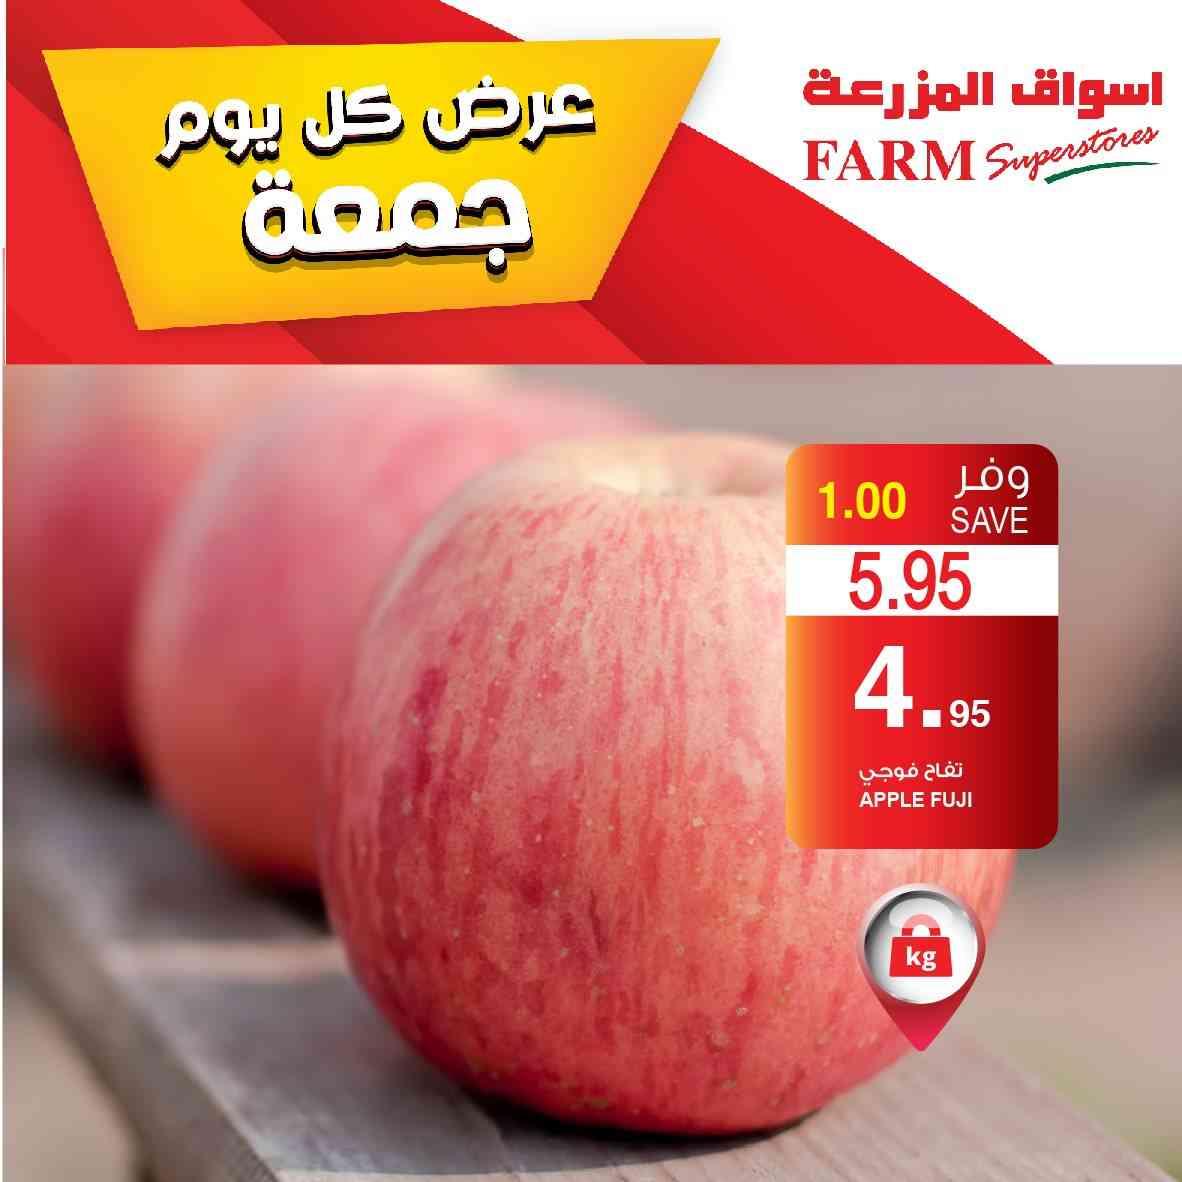 عروض اسواق المزرعة جدة و الجنوبية اليوم الجمعة 21 مايو 2021 سوق الجمعة